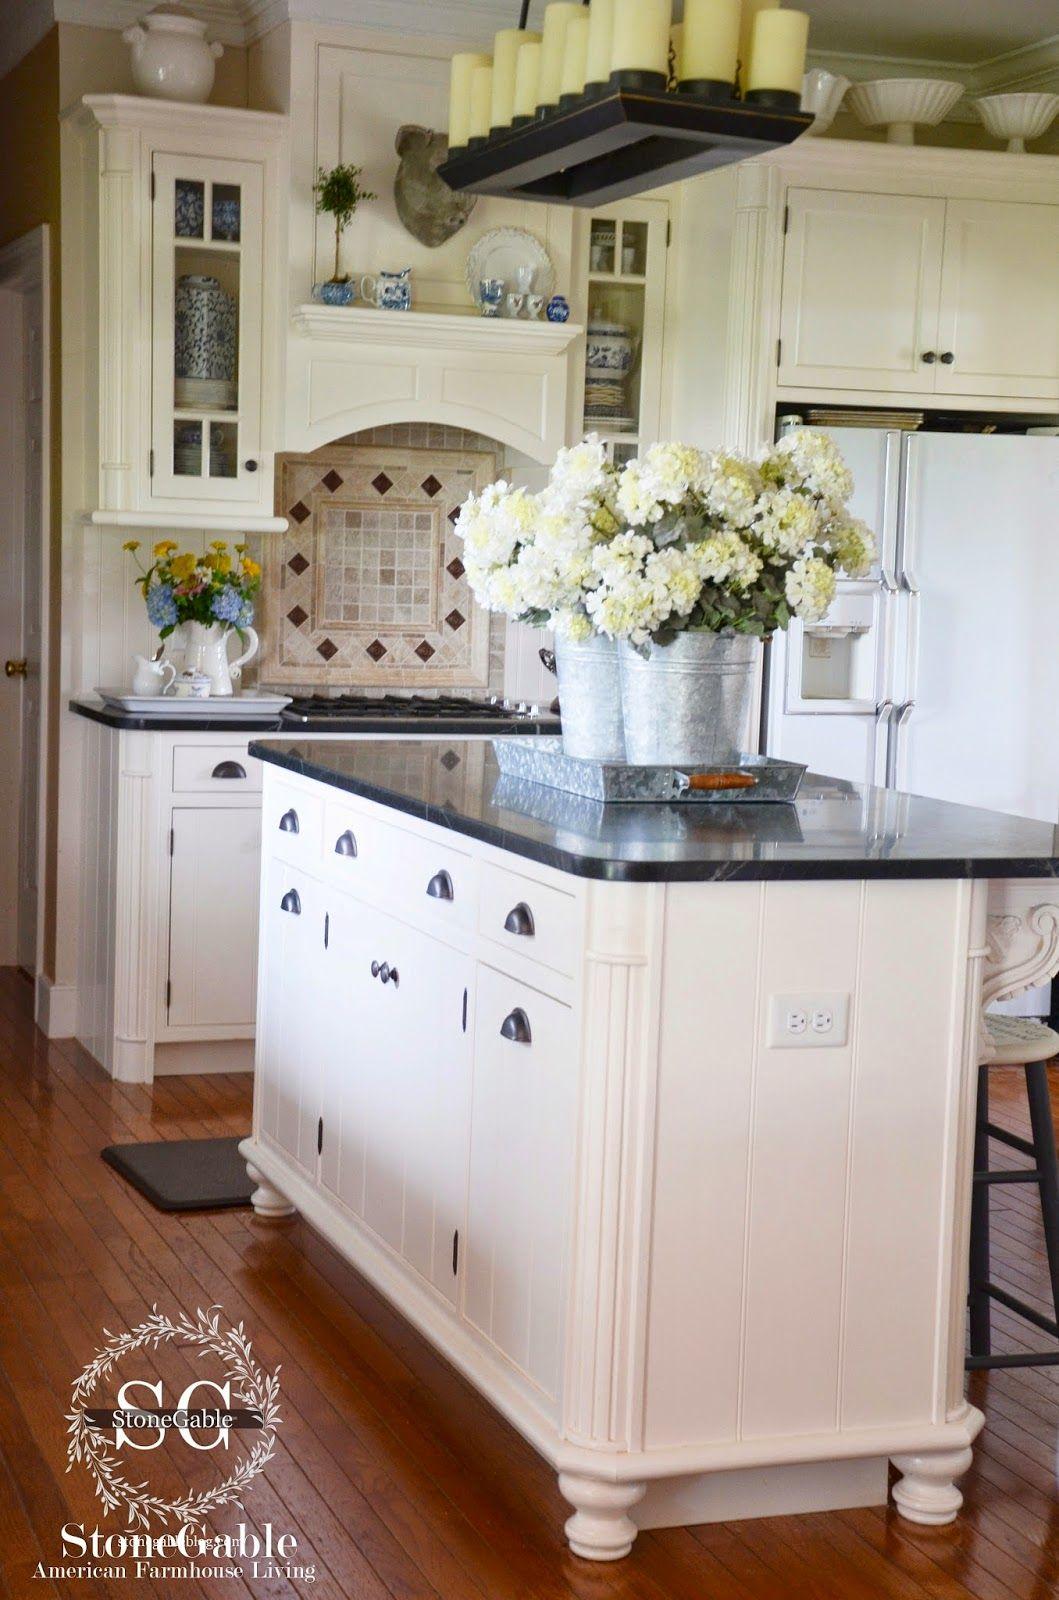 10 ELEMENTS OF A FARMHOUSE KITCHEN | Pinterest | Farmhouse kitchens ...